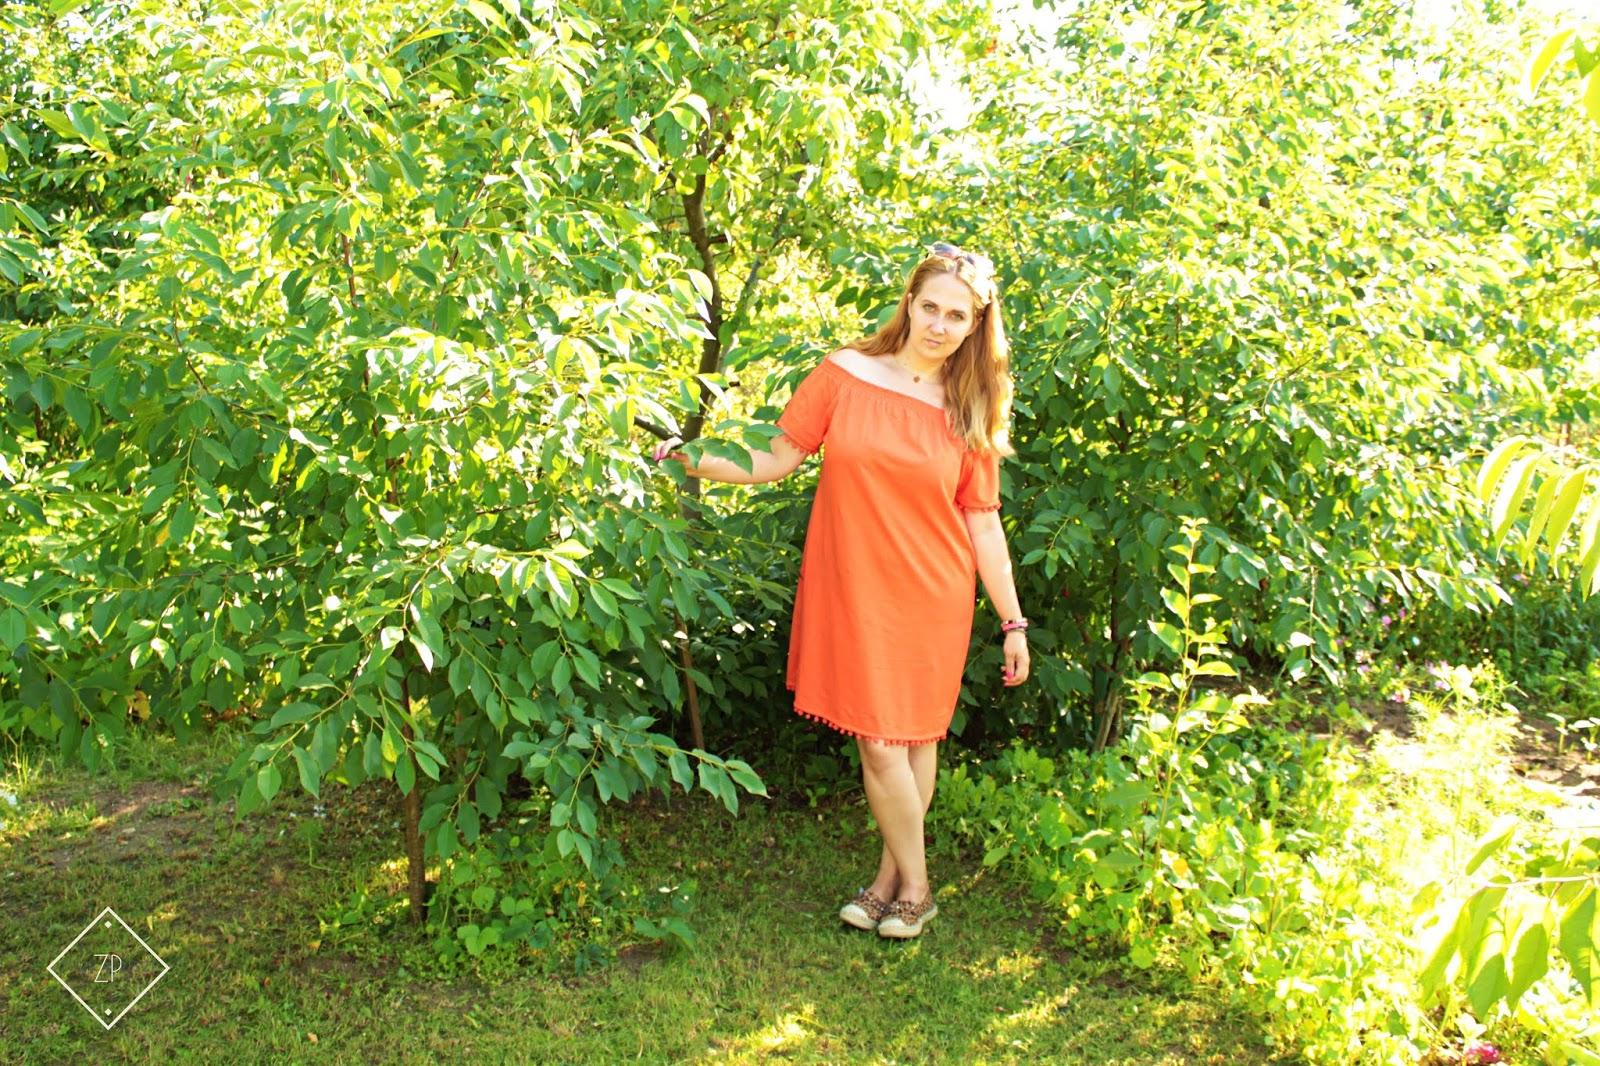 mandarynkowa sukienka shirtowa bonprix, espadryle w panterkę